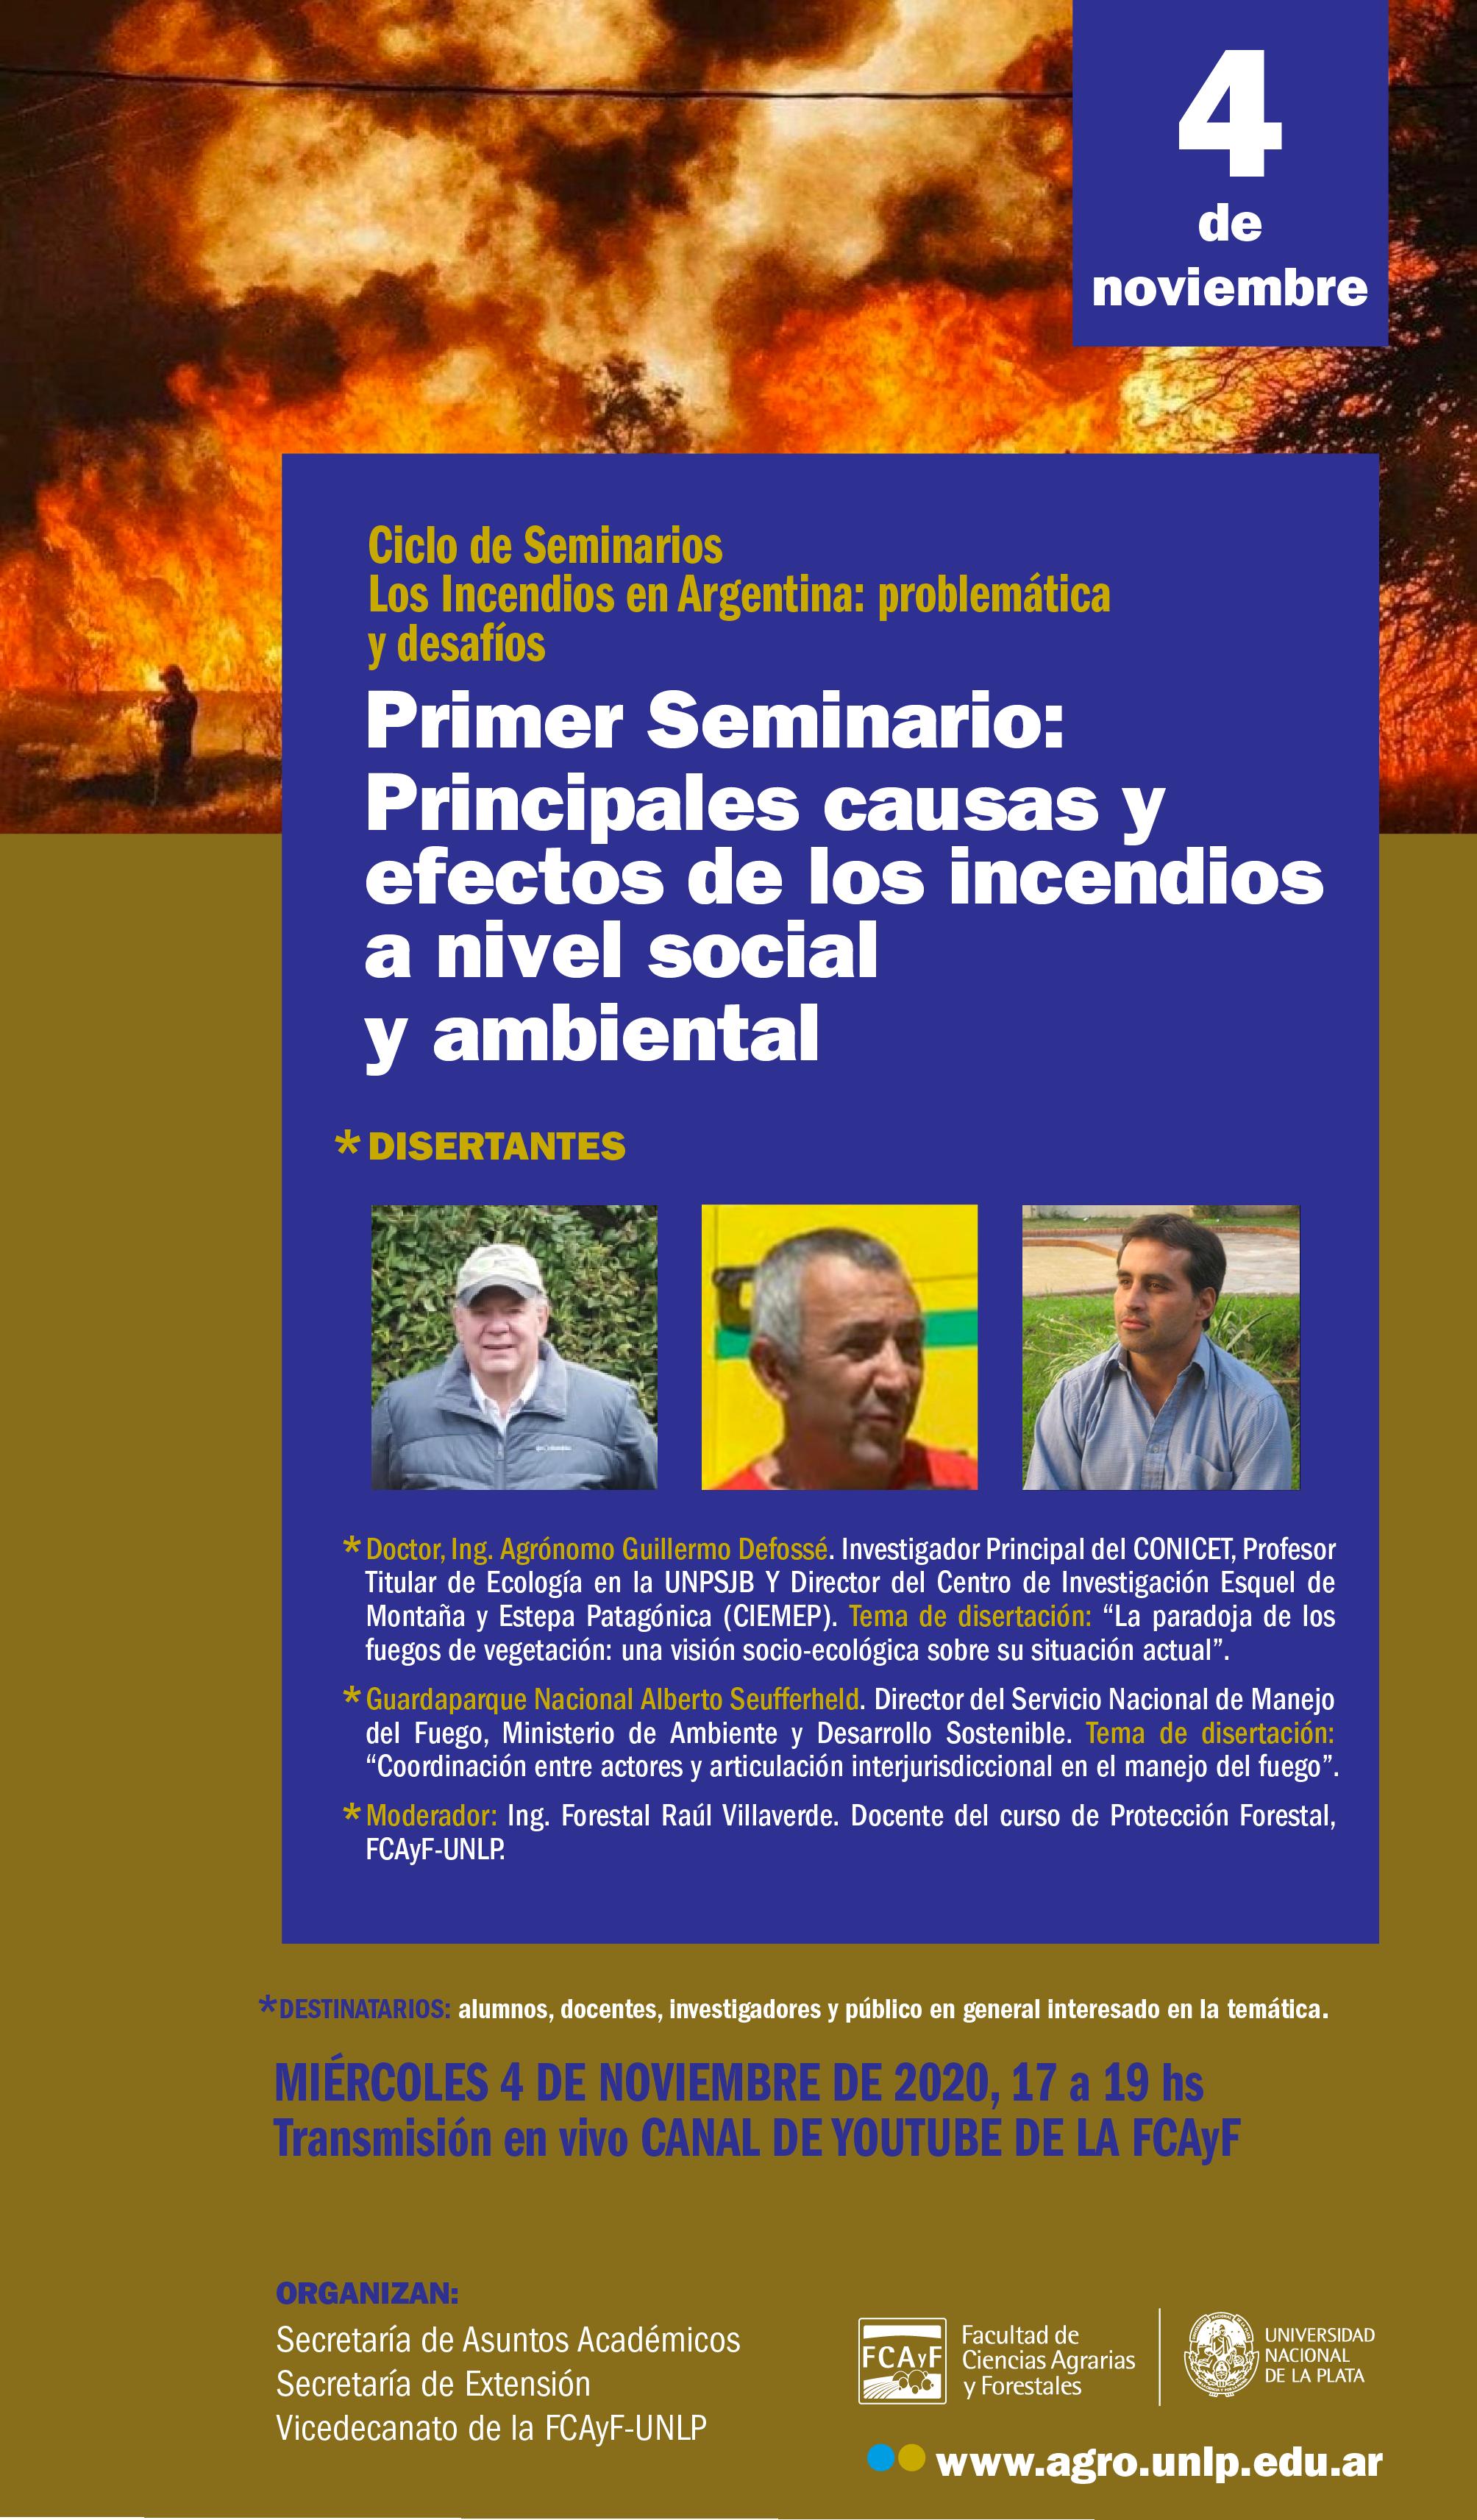 Primer Seminario: Principales causas y efectos de los incendios a nivel social y ambiental